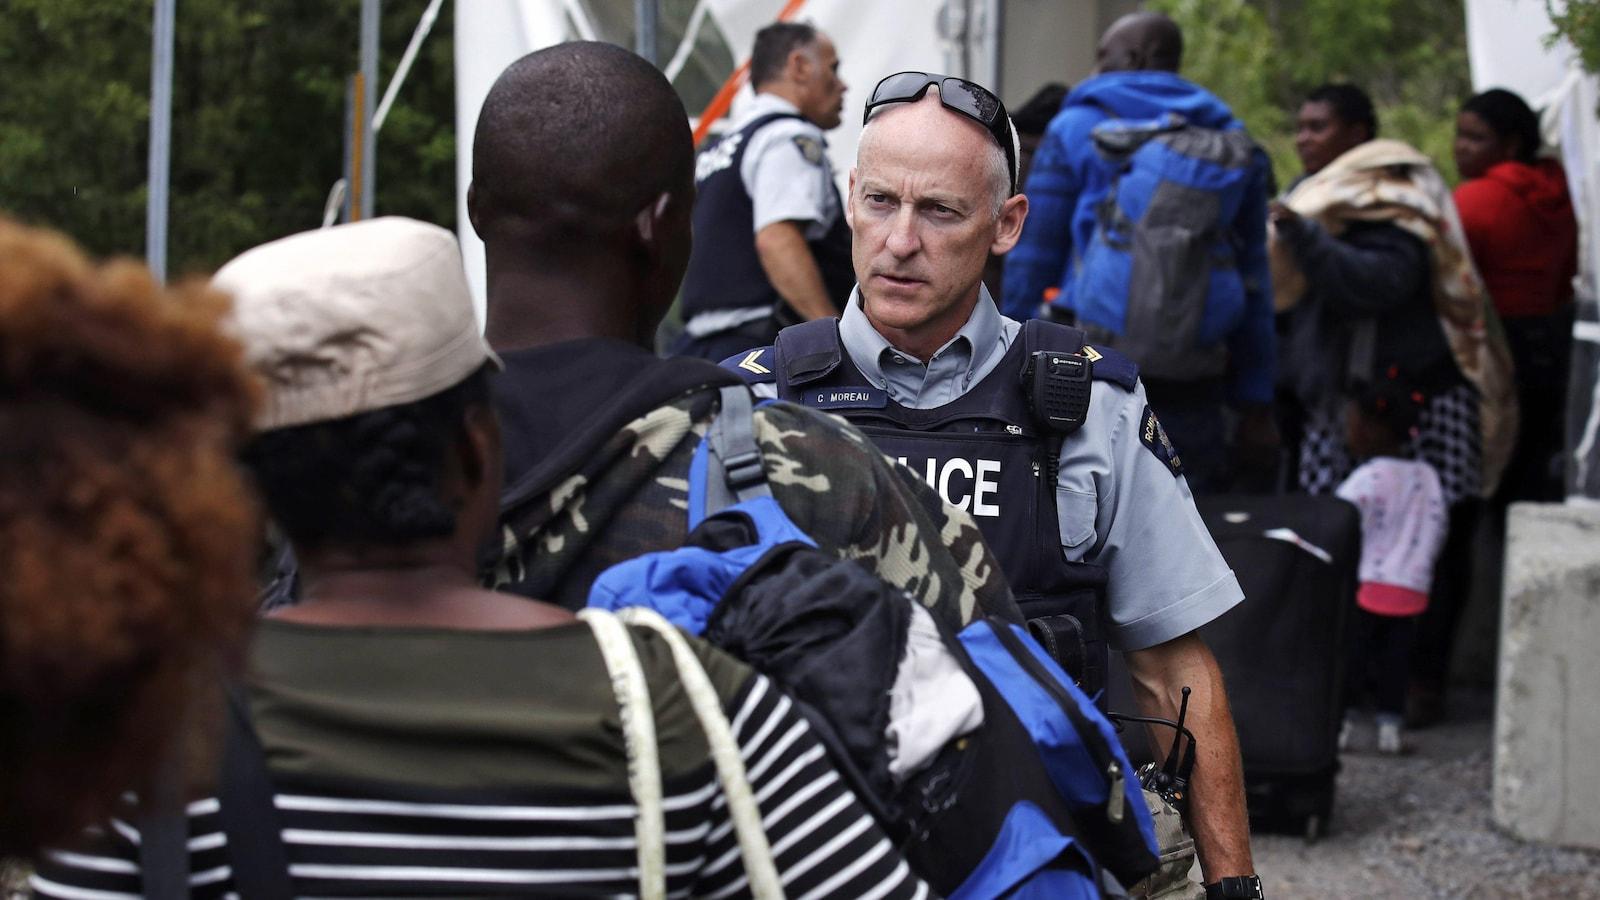 Un employé de la Gendarmerie royale du Canada (GRC) accueille des demandeurs d'asile à la frontière canado-américaine à Saint-Bernard-de-Lacolle.